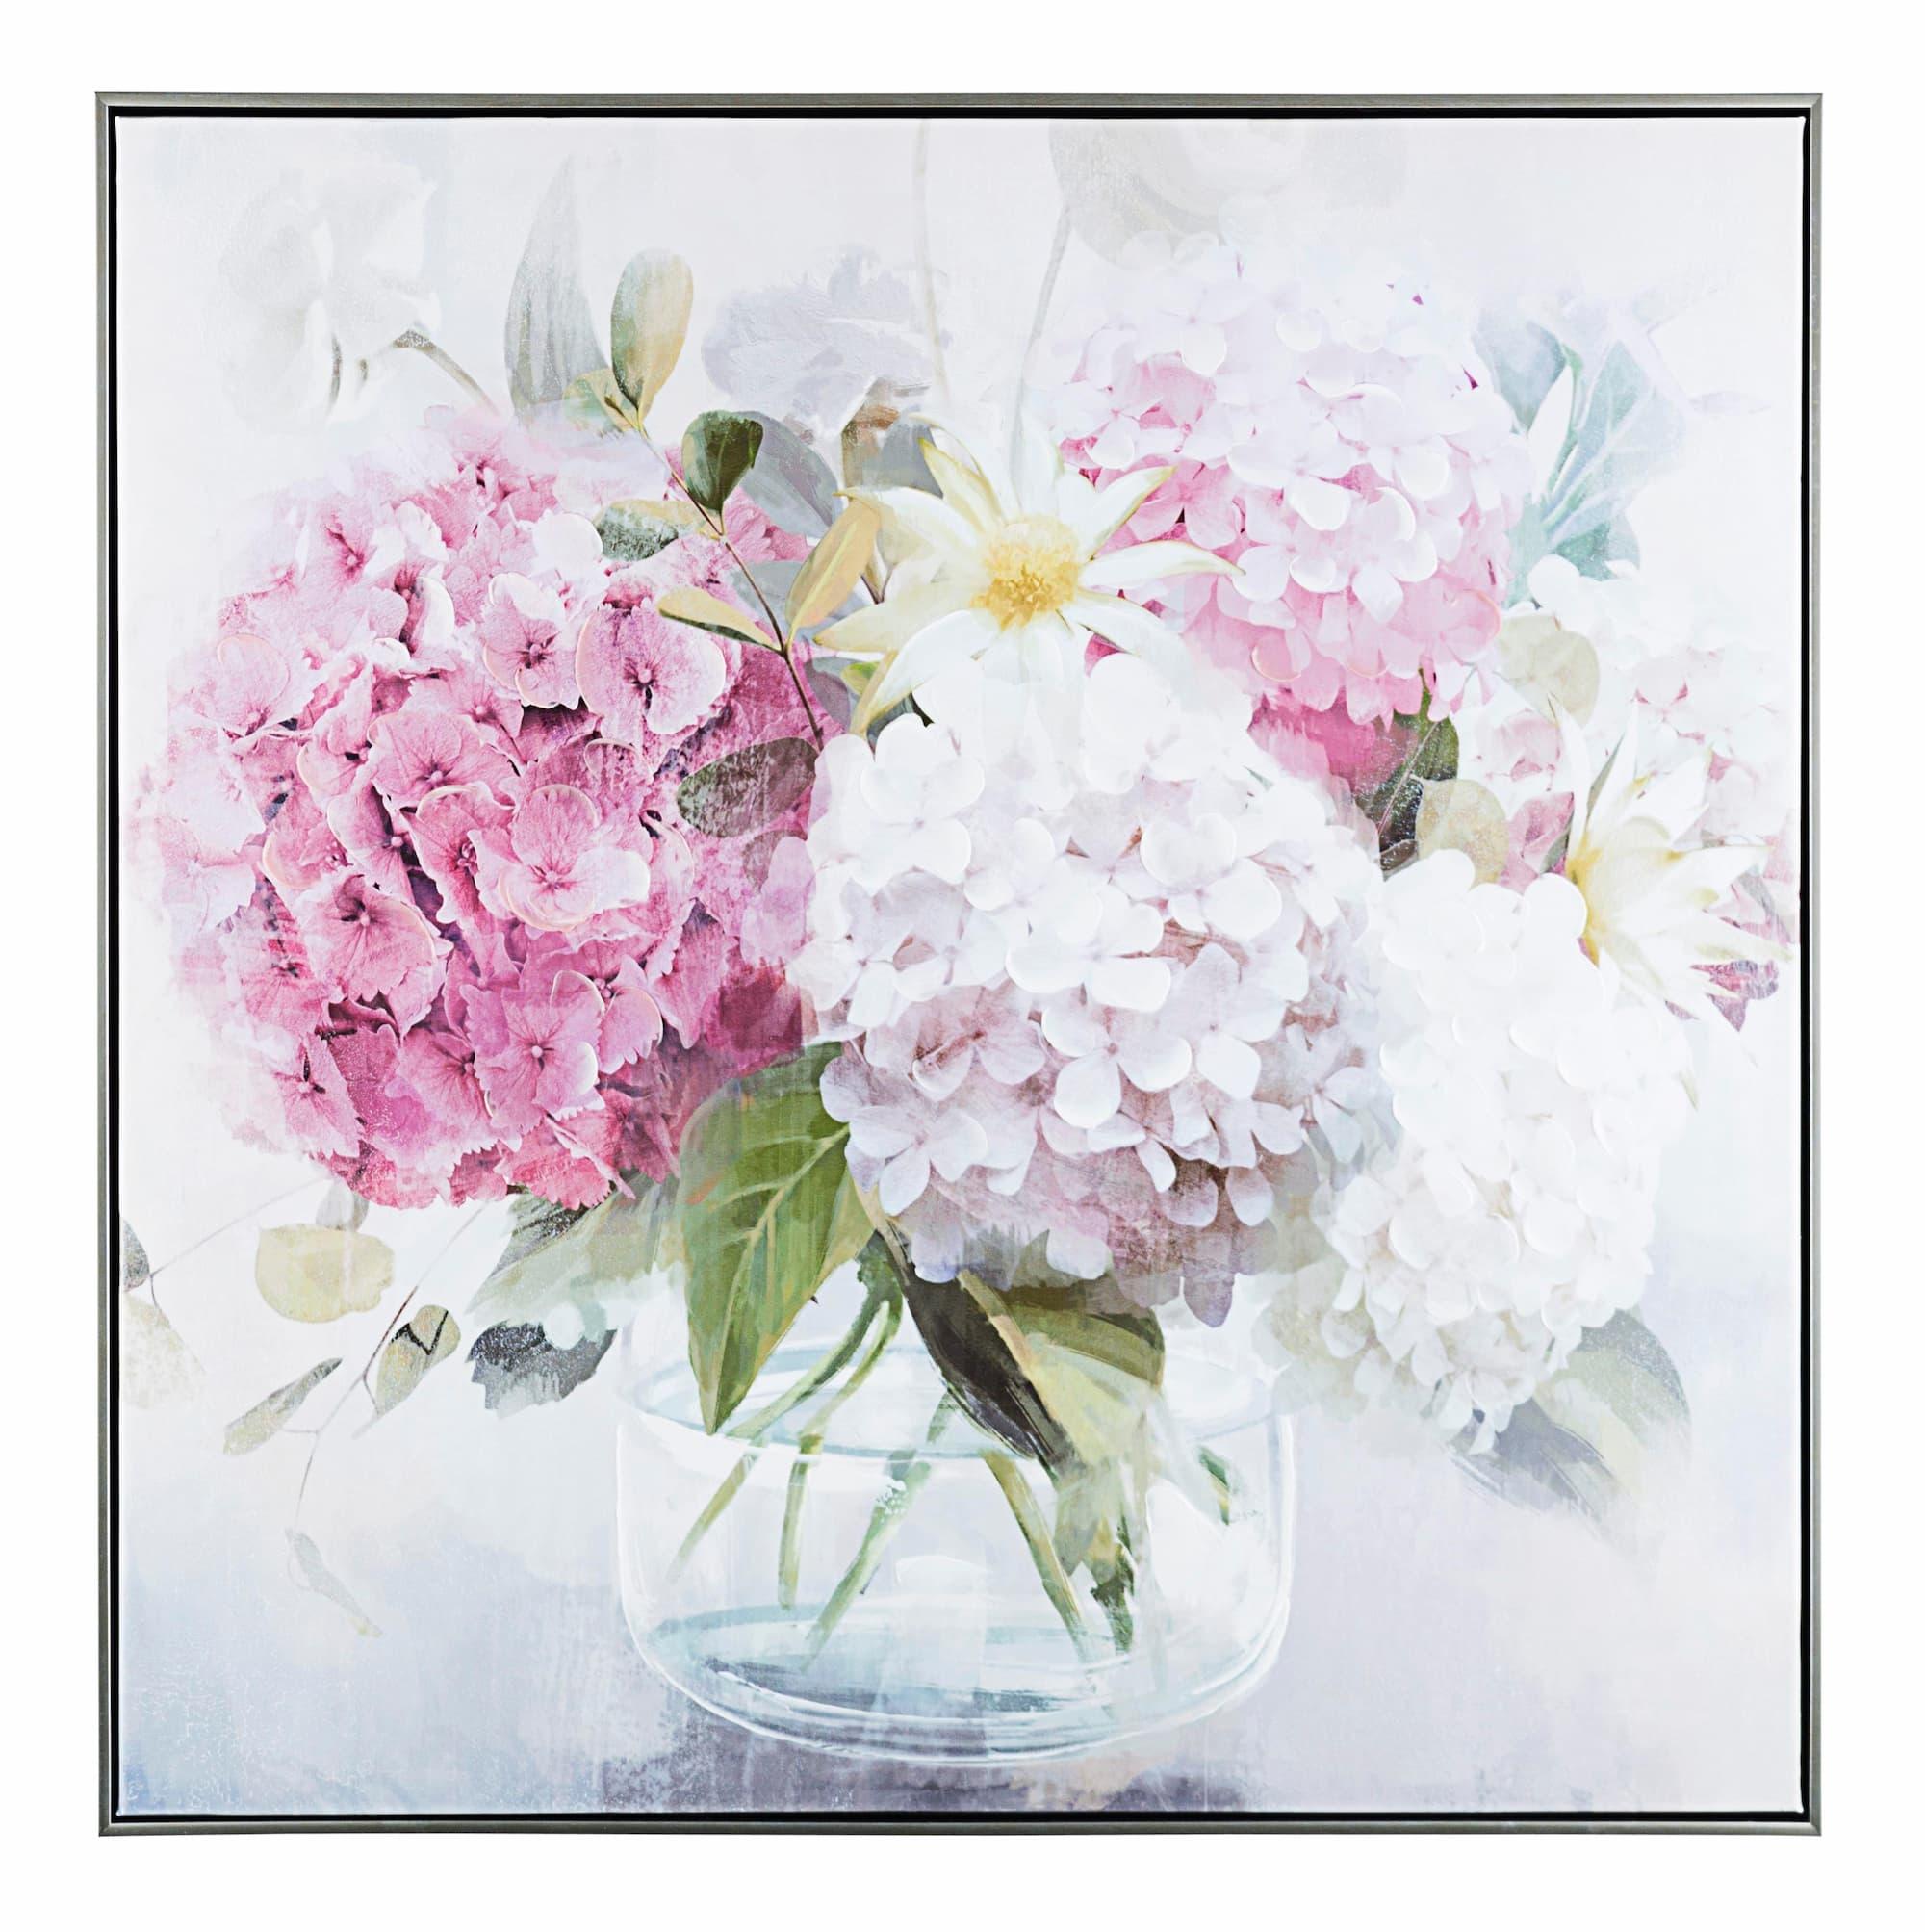 Tablou Canvas Crown P2314-2, 82,5 x 82,5 cm imagine